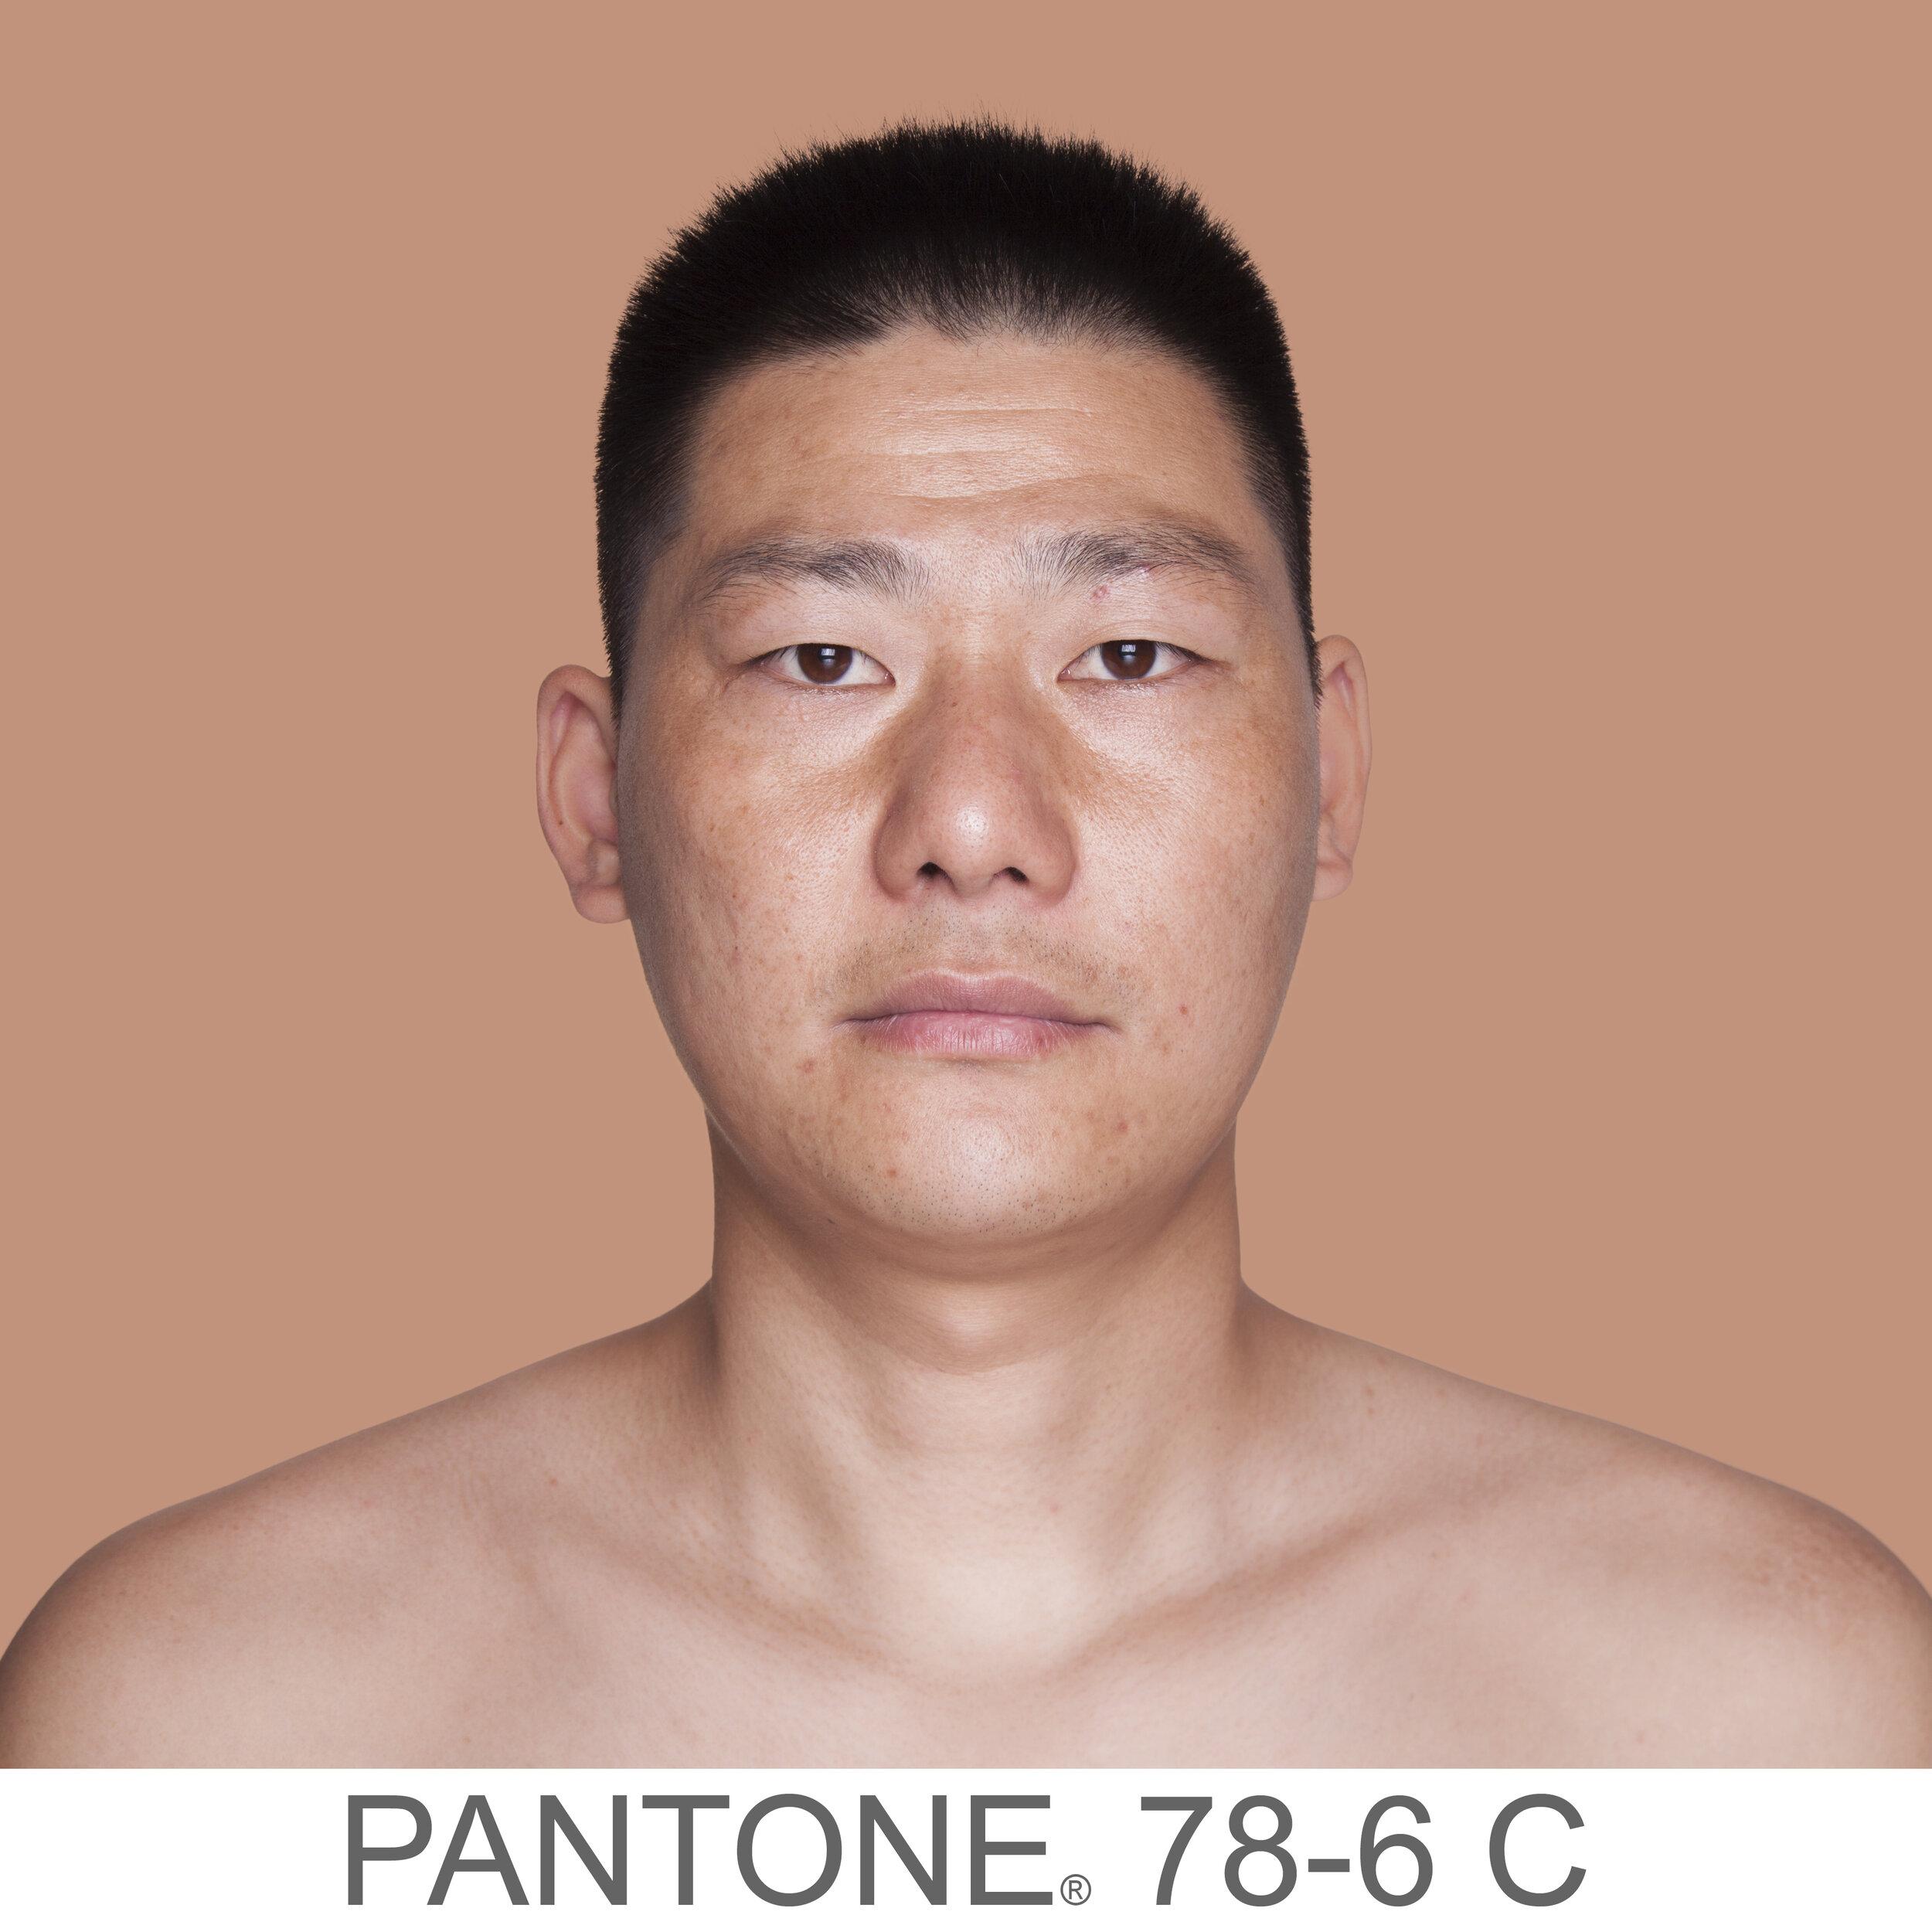 humanae 78-6 C1 CN copia.jpg